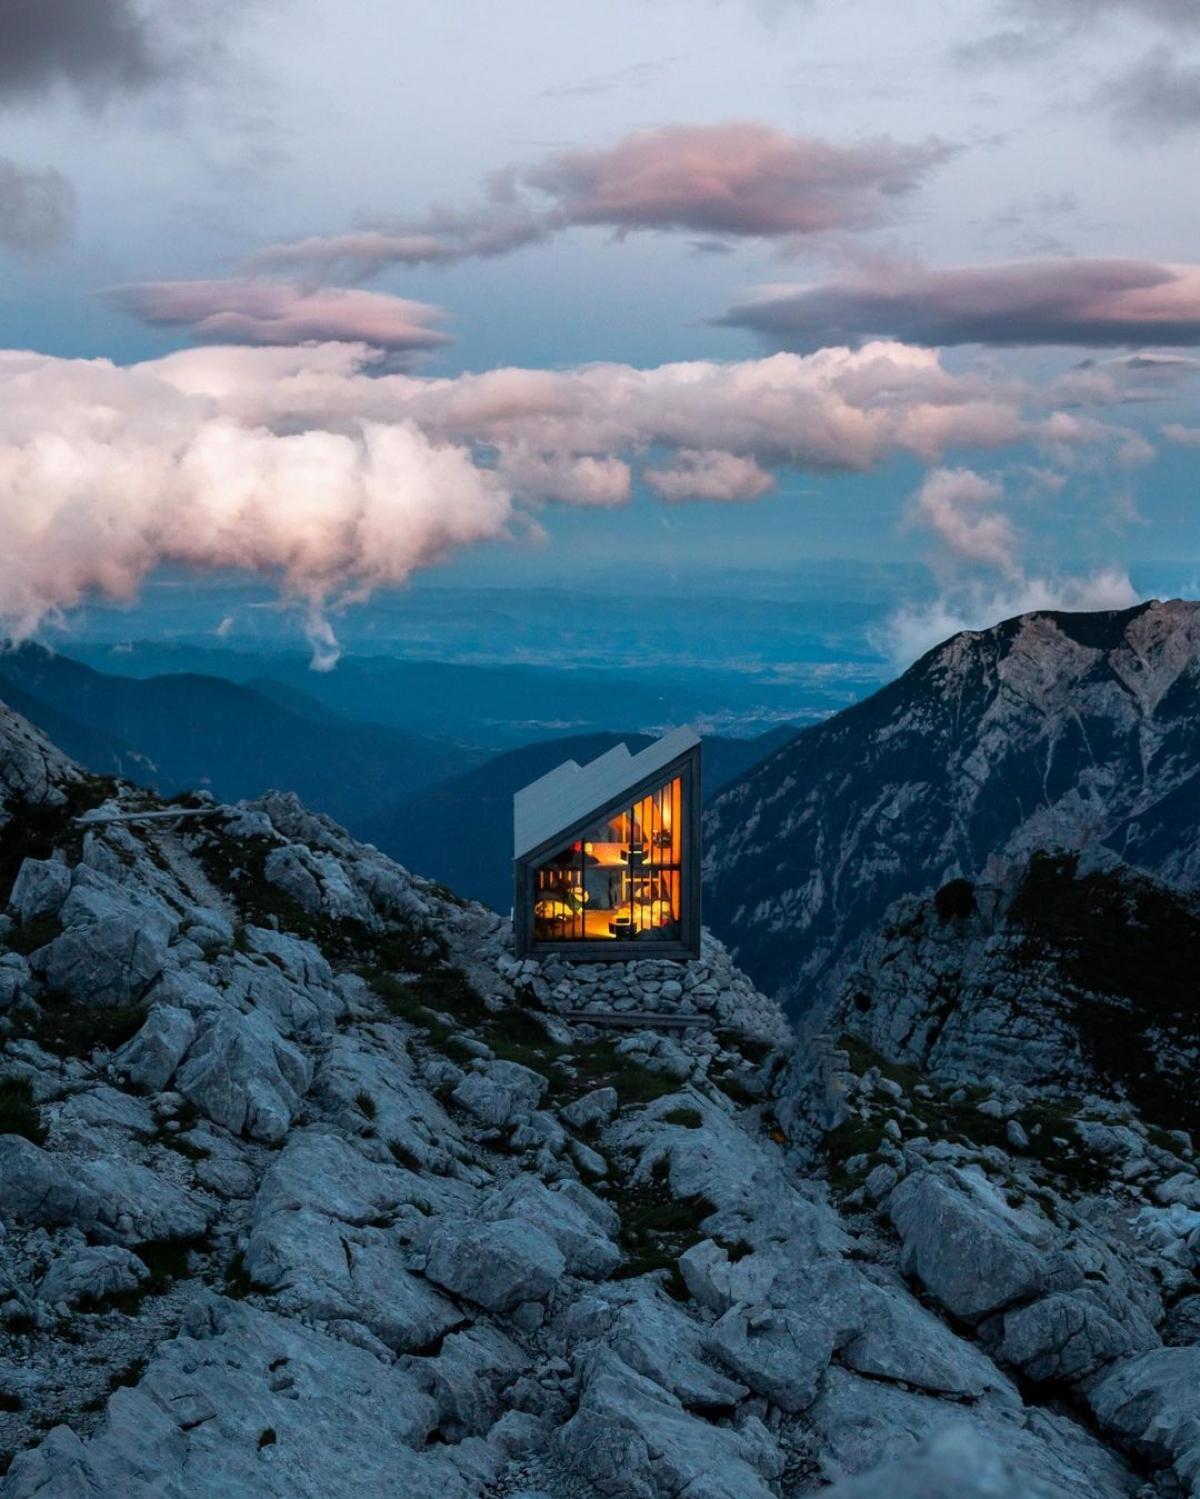 Công trình này nằm trên núi Skuta, nơi cao nhất trong dãy Kamnik Alps. Được thiết kế để chống chịu với sự khắc nghiệt trên núi cao, đây là địa điểm vô cùng hấp dẫn tại Slovenia. Nhiều du khách ưa thử thách coi đây là đích đến của chuyến bộ hành, với phần thưởng là khung cảnh tuyệt đẹp và ngủ đêm dưới những ánh sao./.